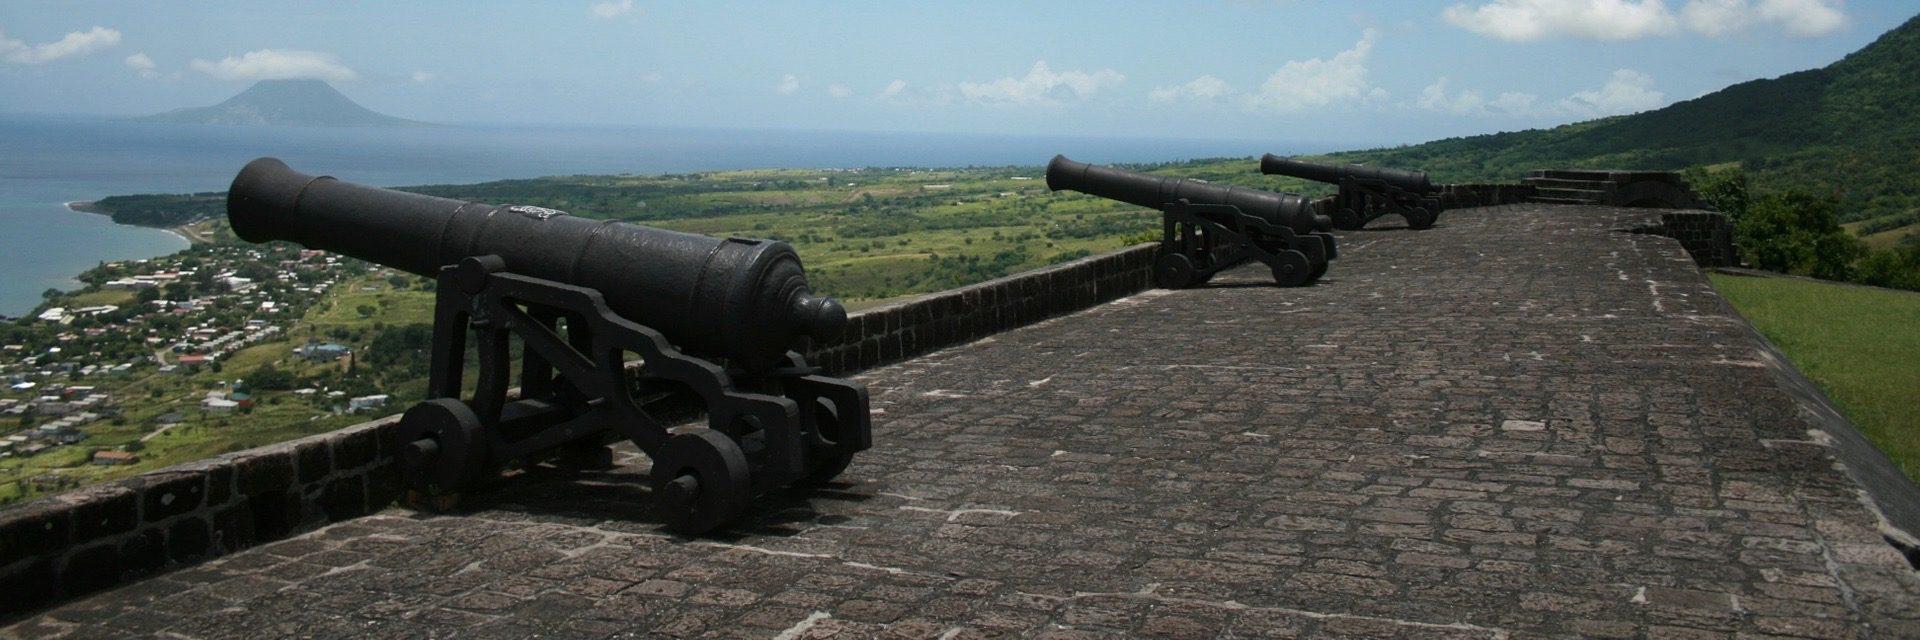 Sevärdheter på St Kitts och Nevis